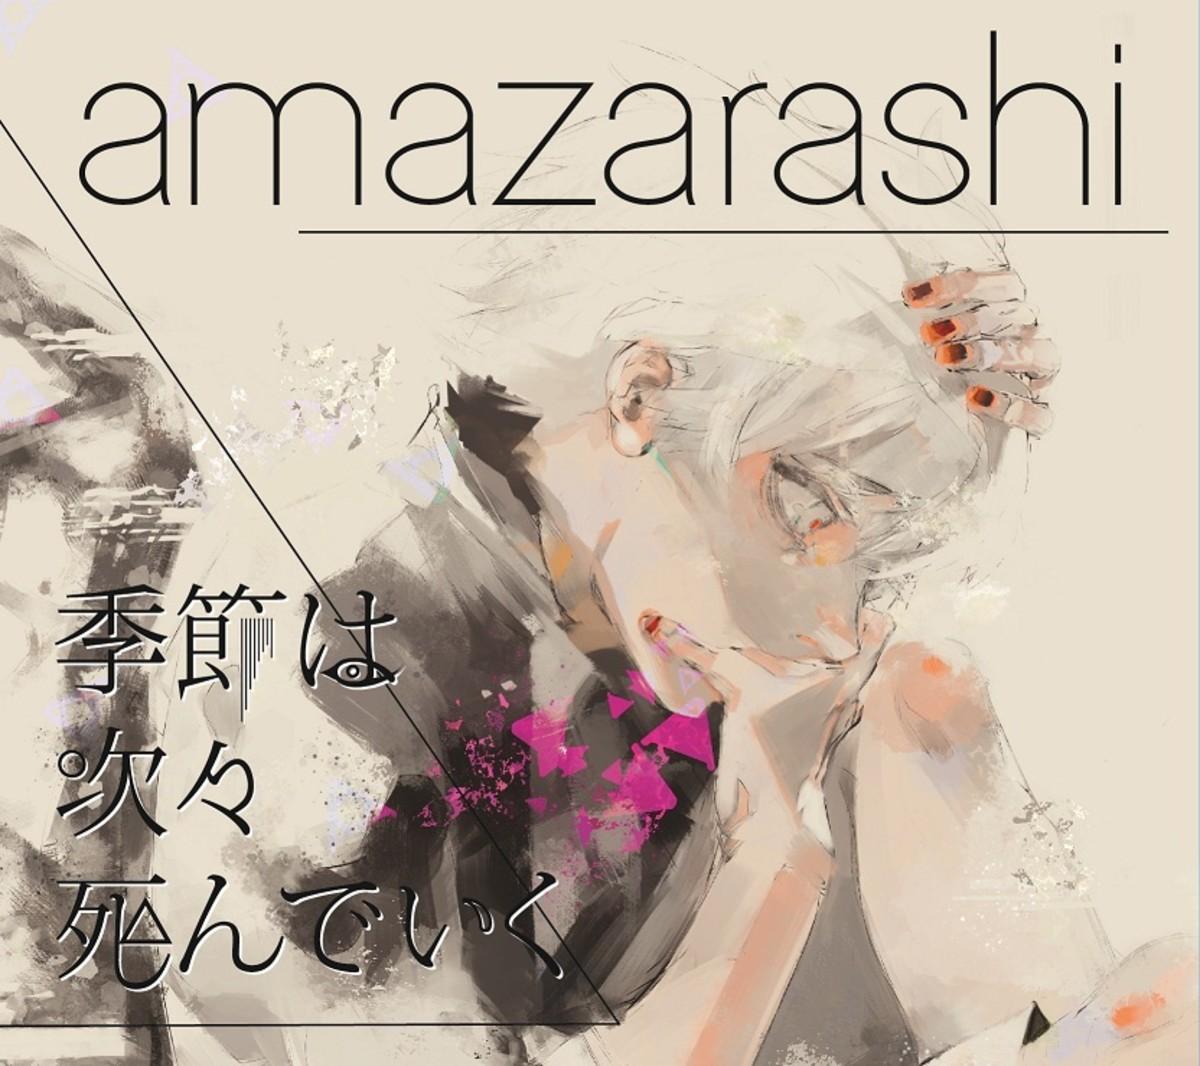 Ishida's drawing for the cover of amazarashi's album.